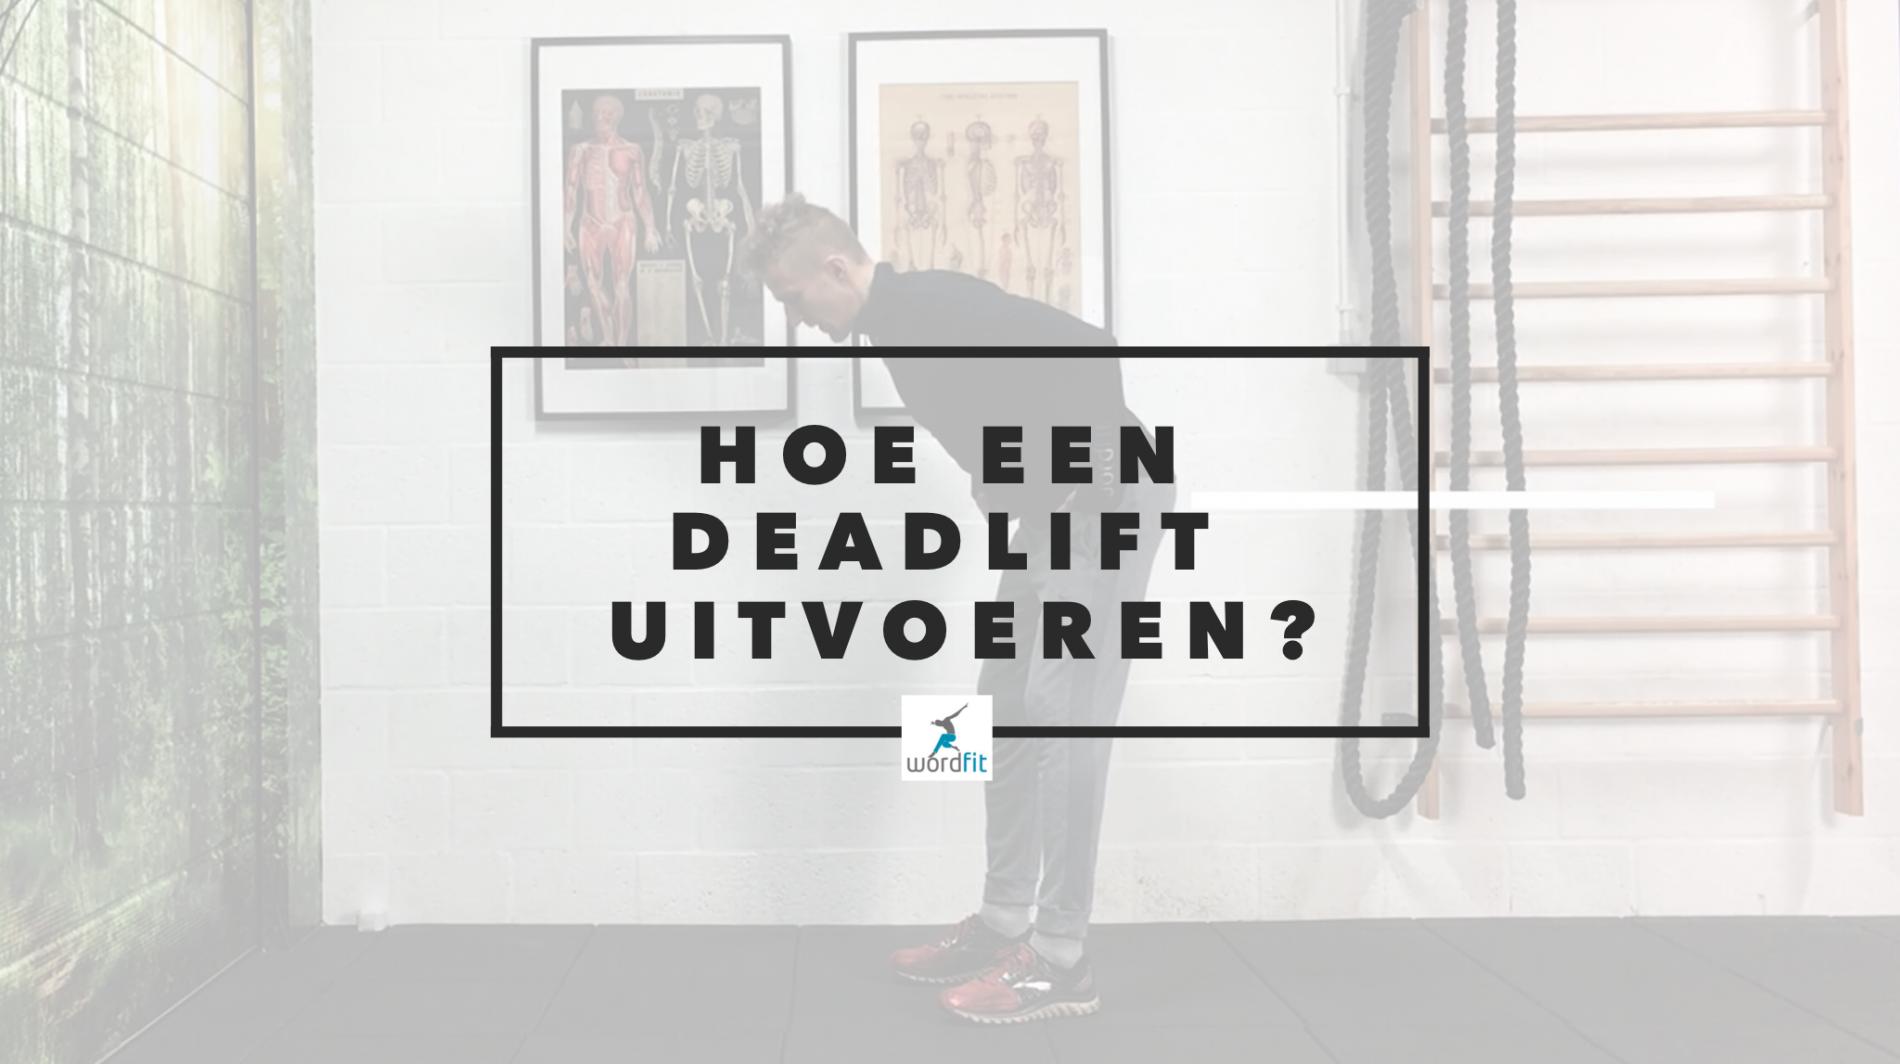 Hoe een deadlift uitvoeren? WordFit.be